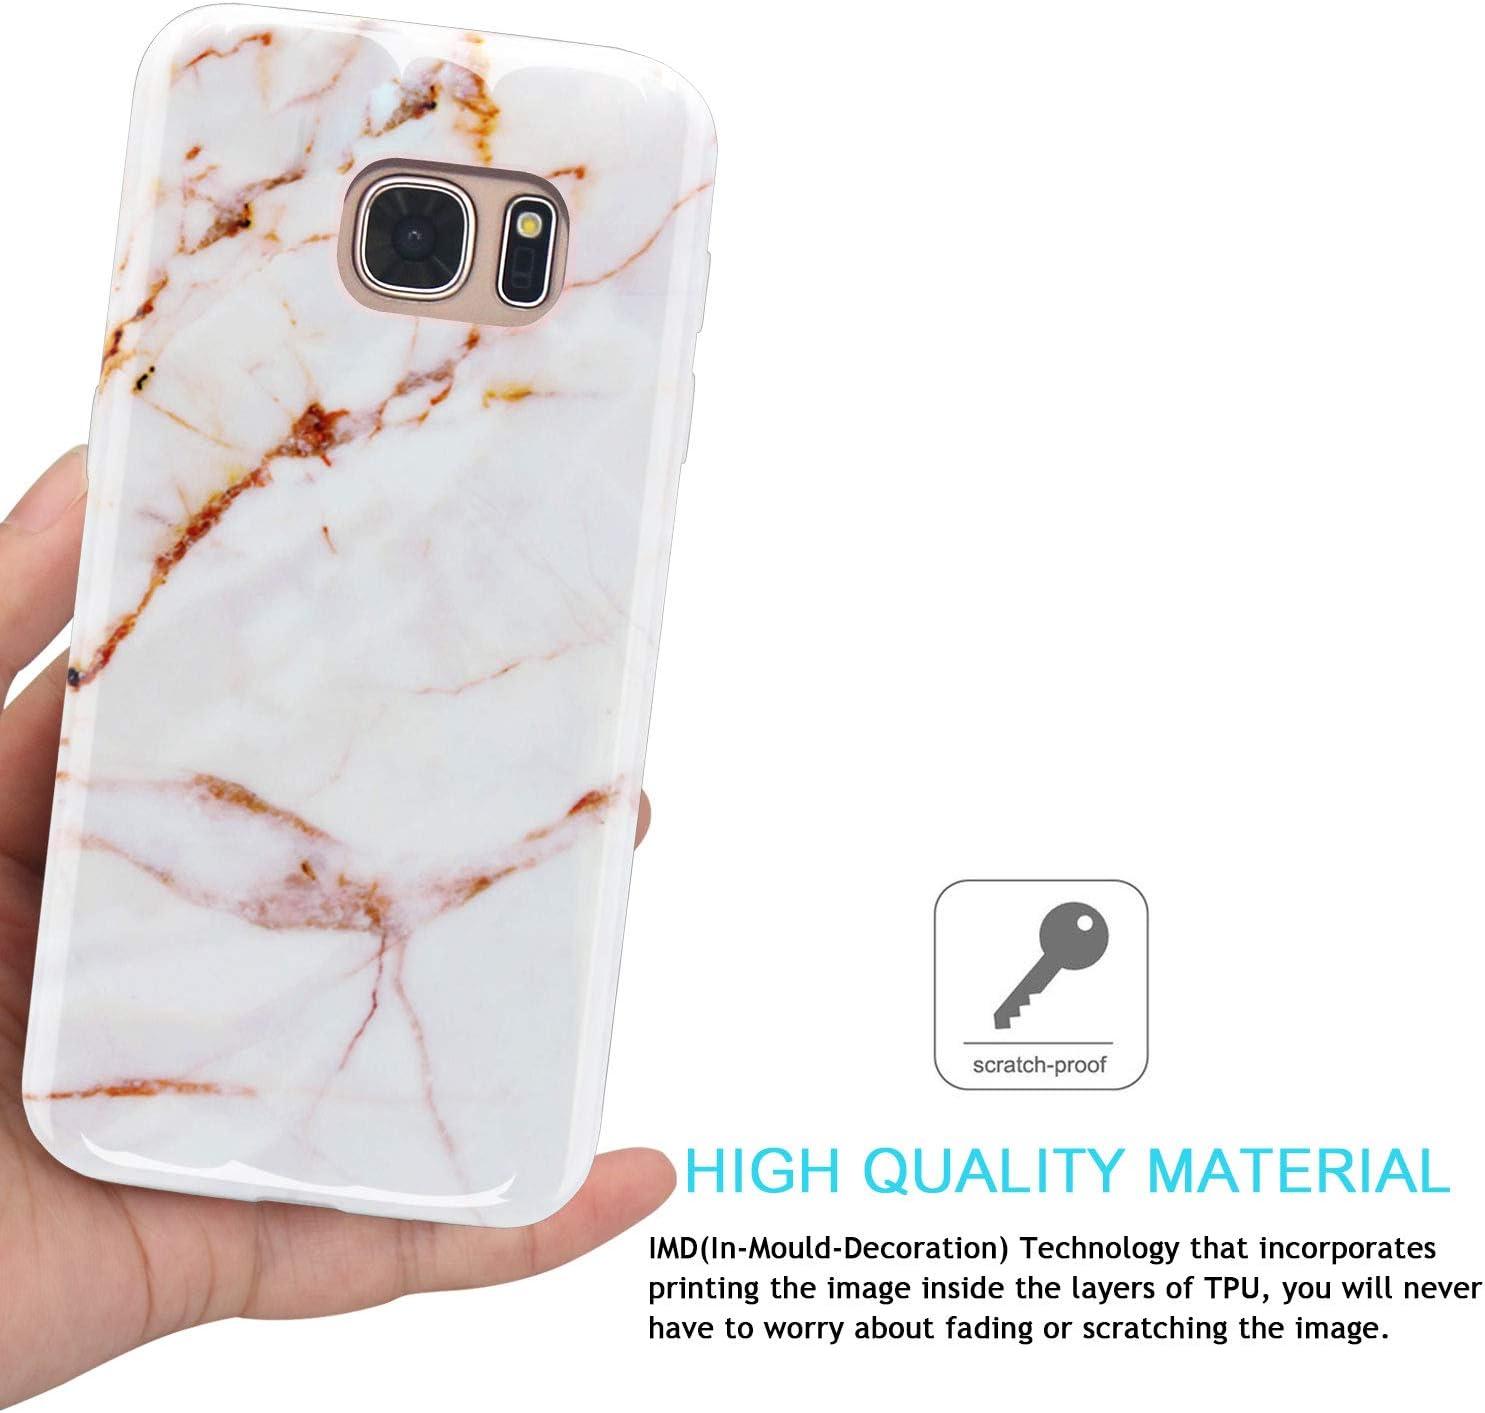 Marmor Black White JAHOLAN Galaxy S7 H/ülle Handyh/ülle TPU Silikon Weiche Schlank Schutzh/ülle Handytasche Flexibel Case Handy H/ülle f/ür Samsung Galaxy S7